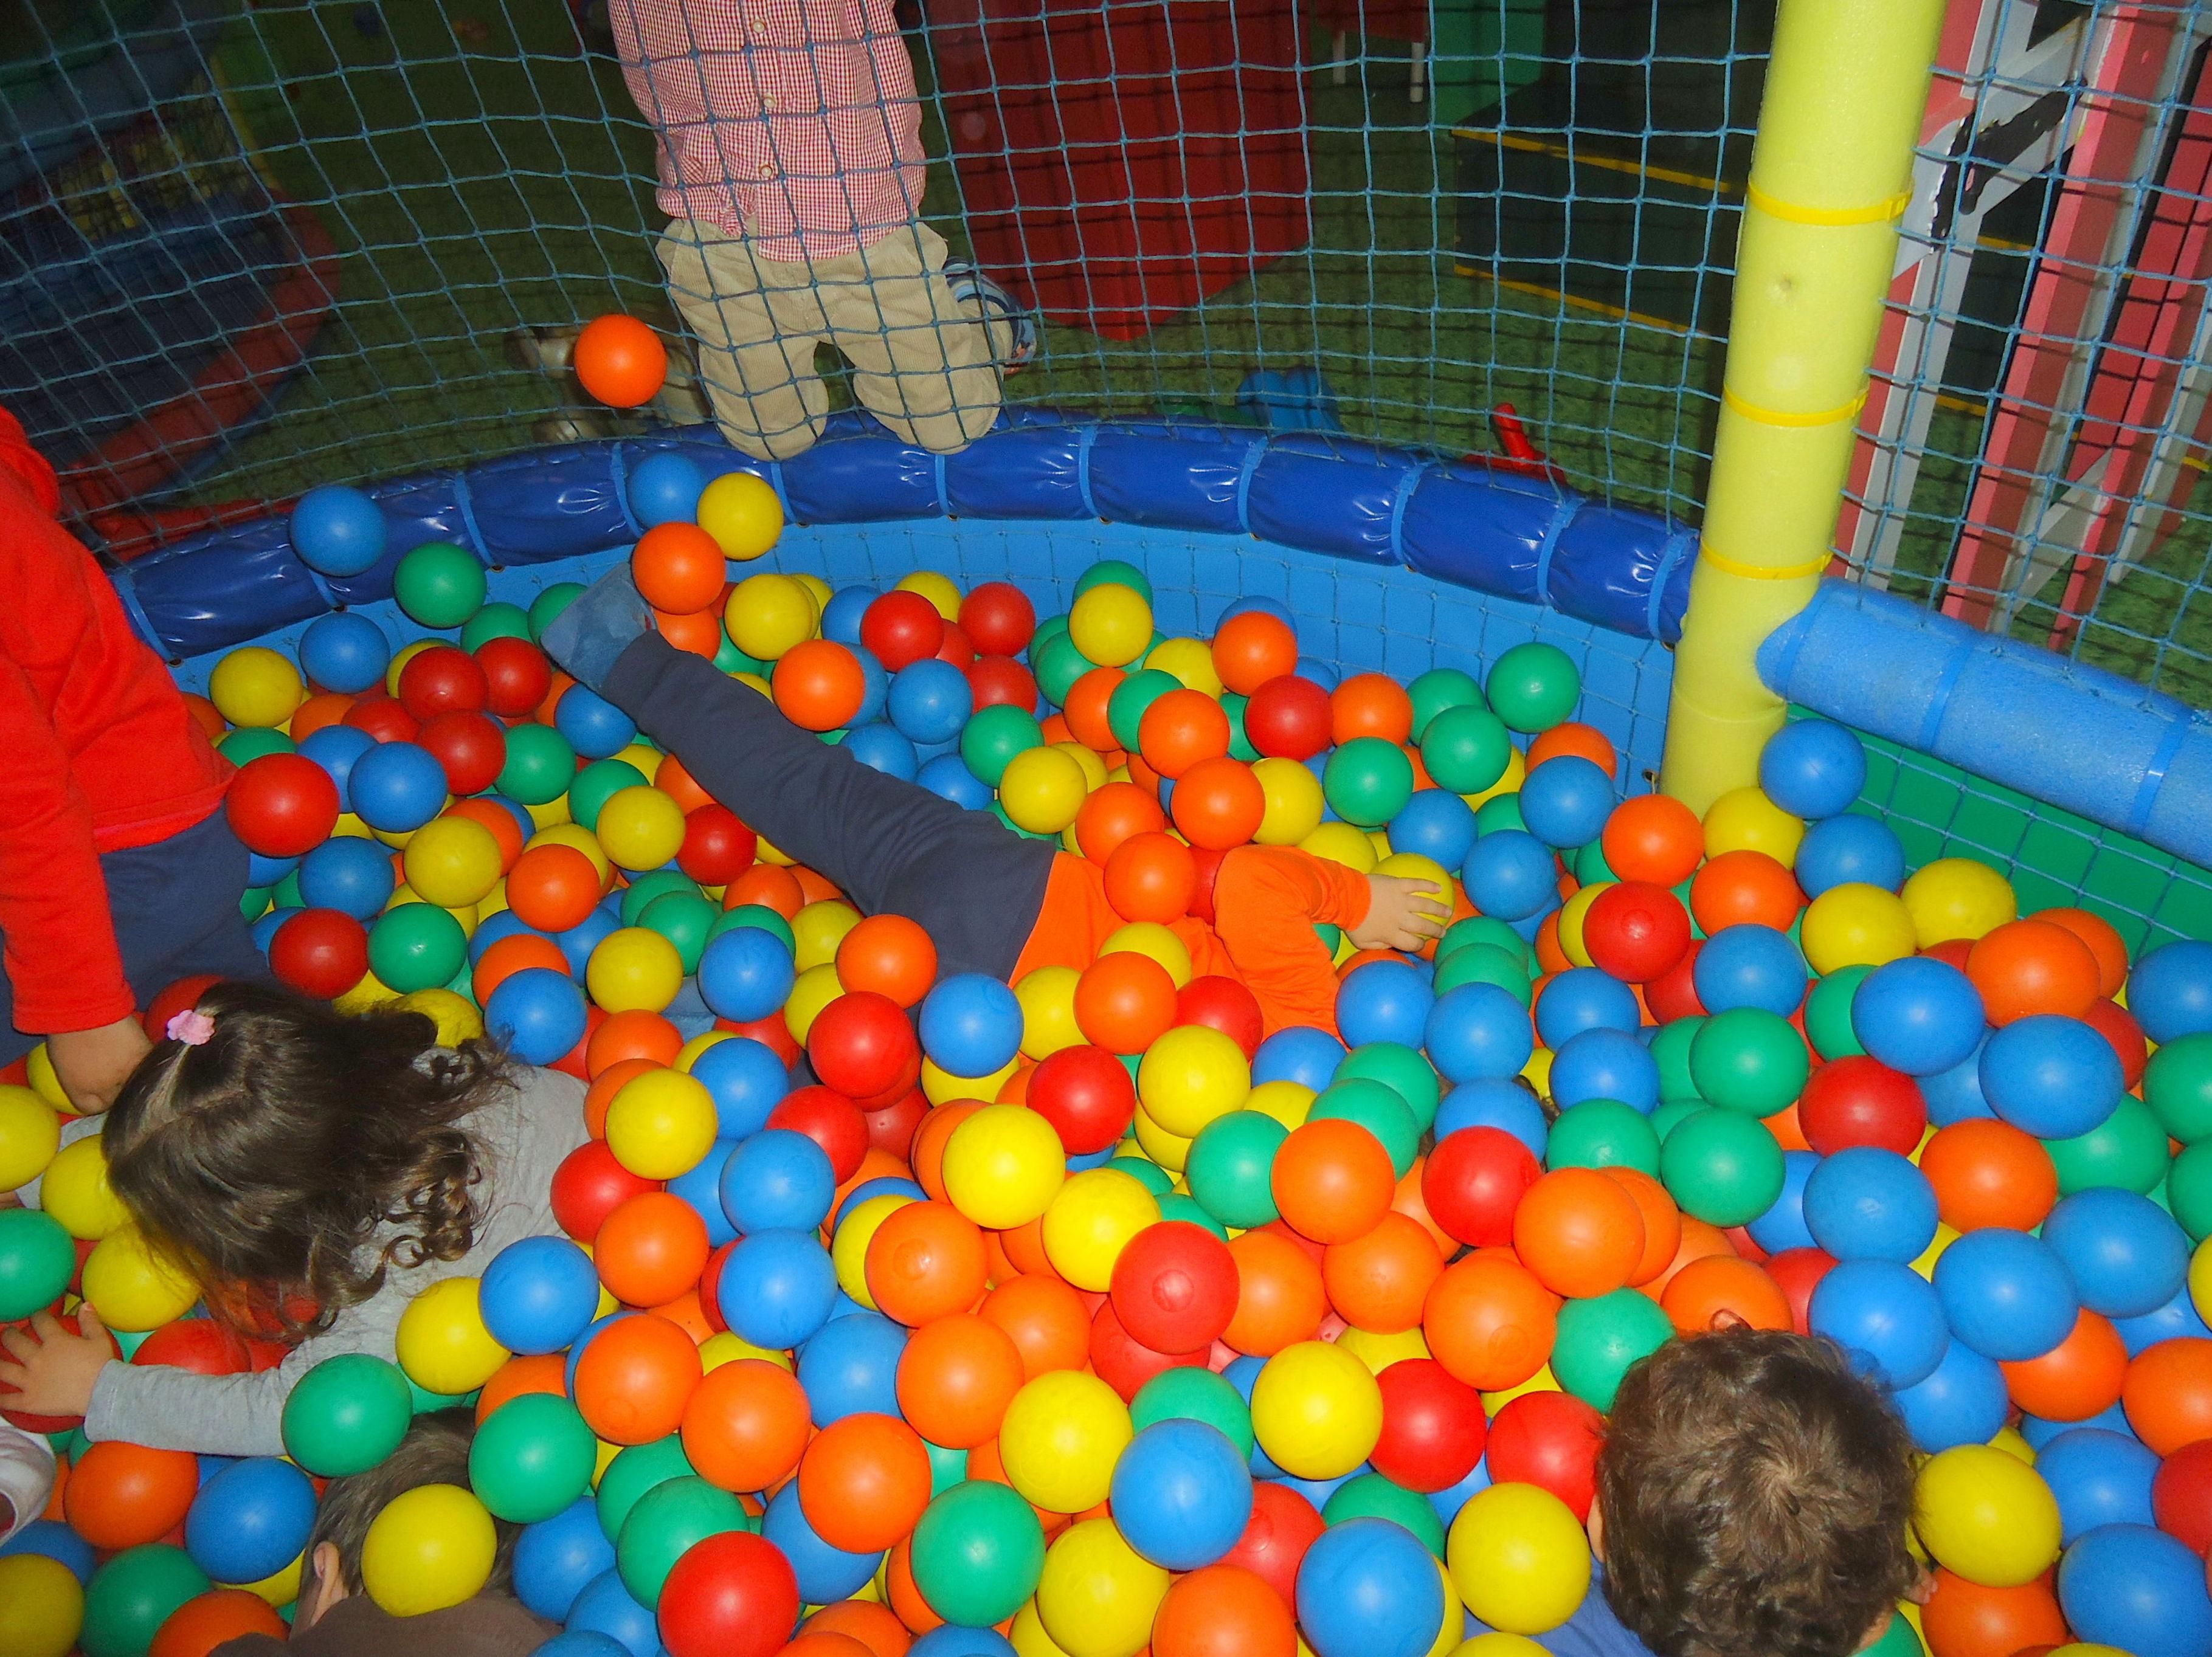 Jugando en el parque de bolas